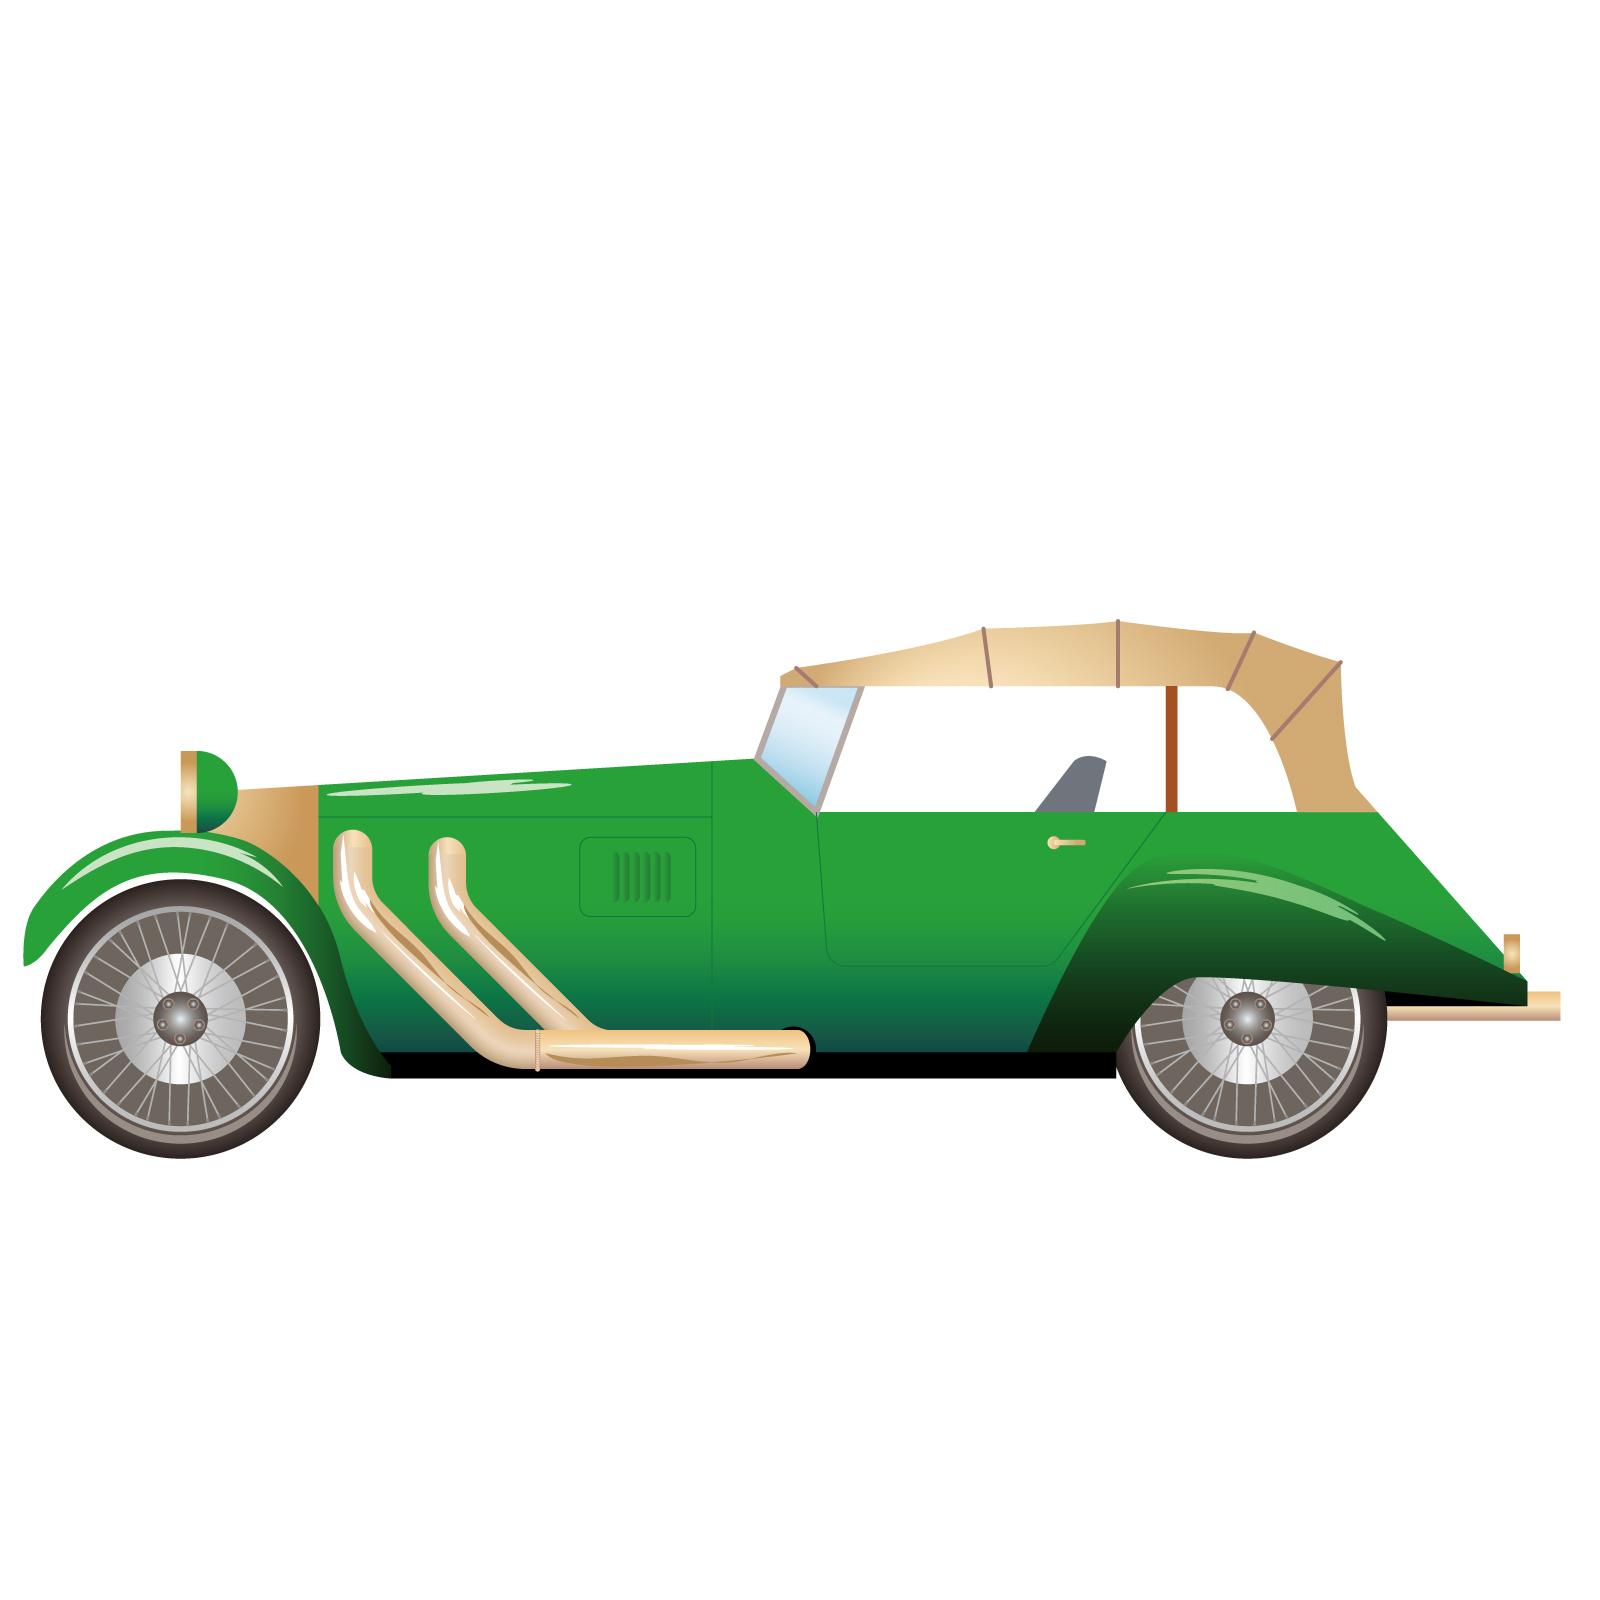 クラシックカー.jpg